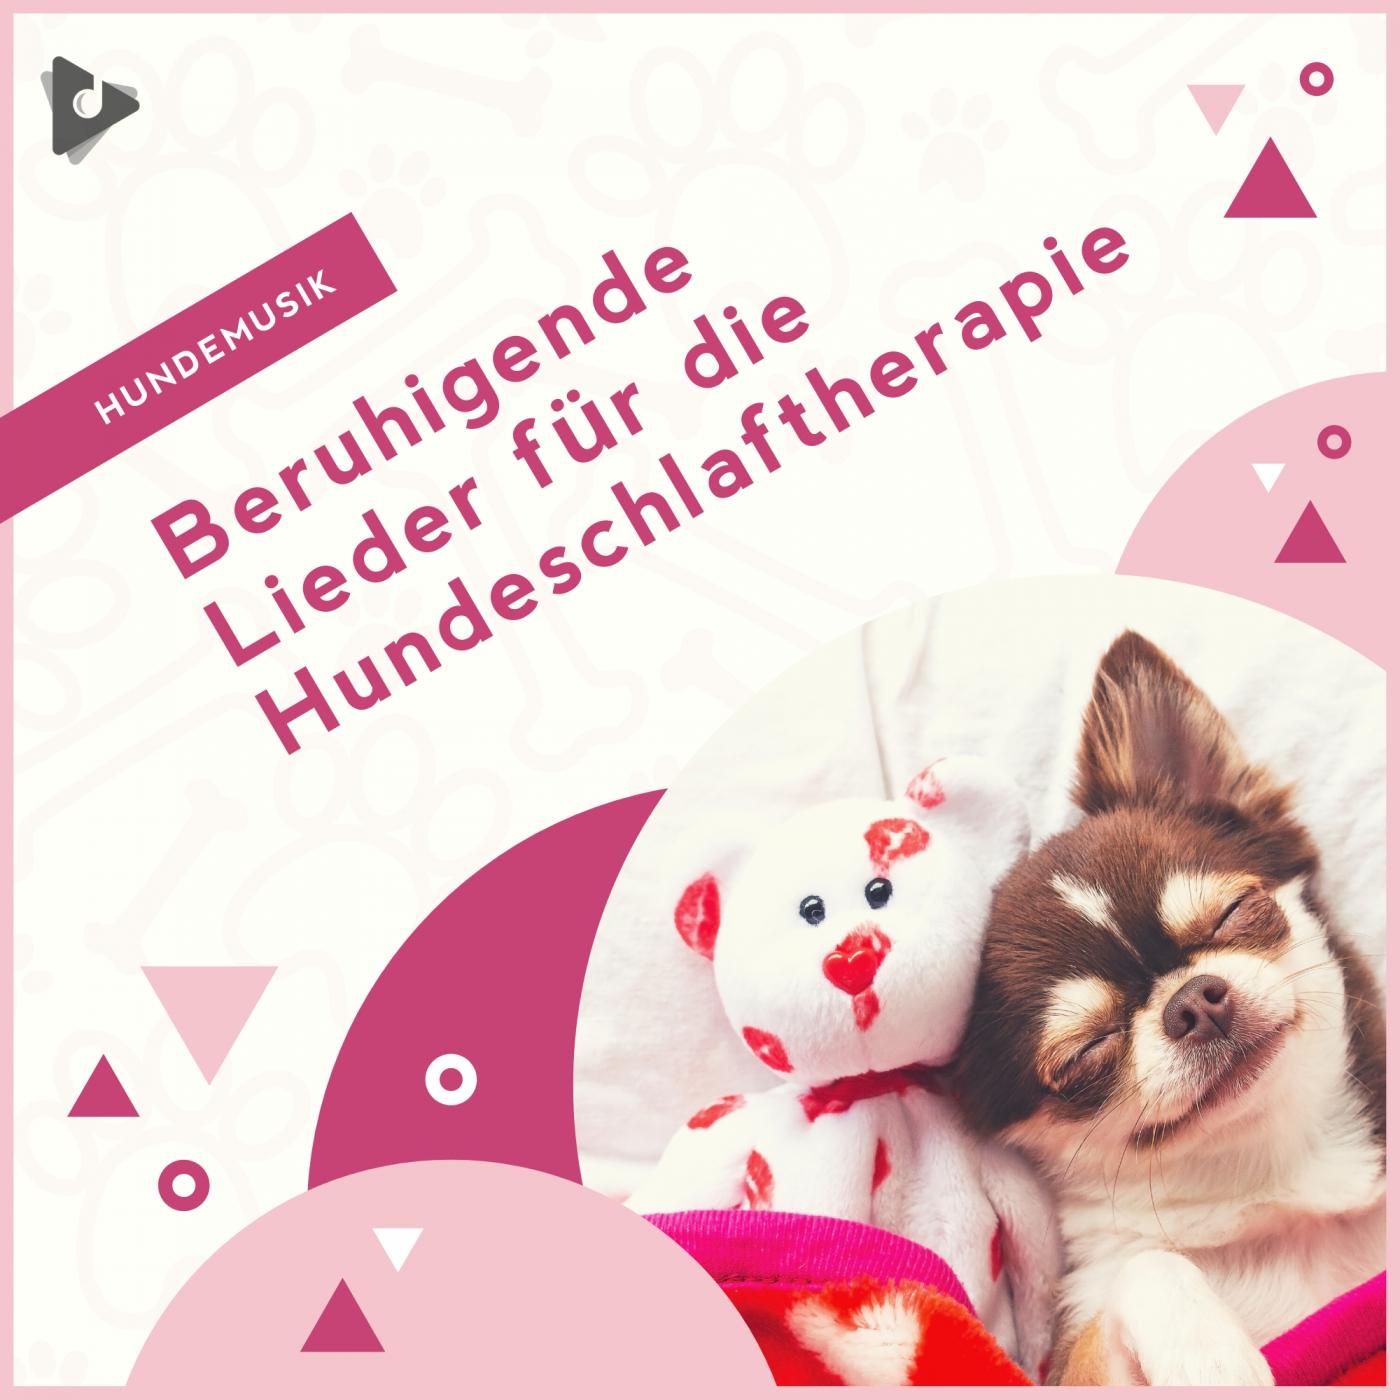 Beruhigende Lieder für die Hundeschlaftherapie